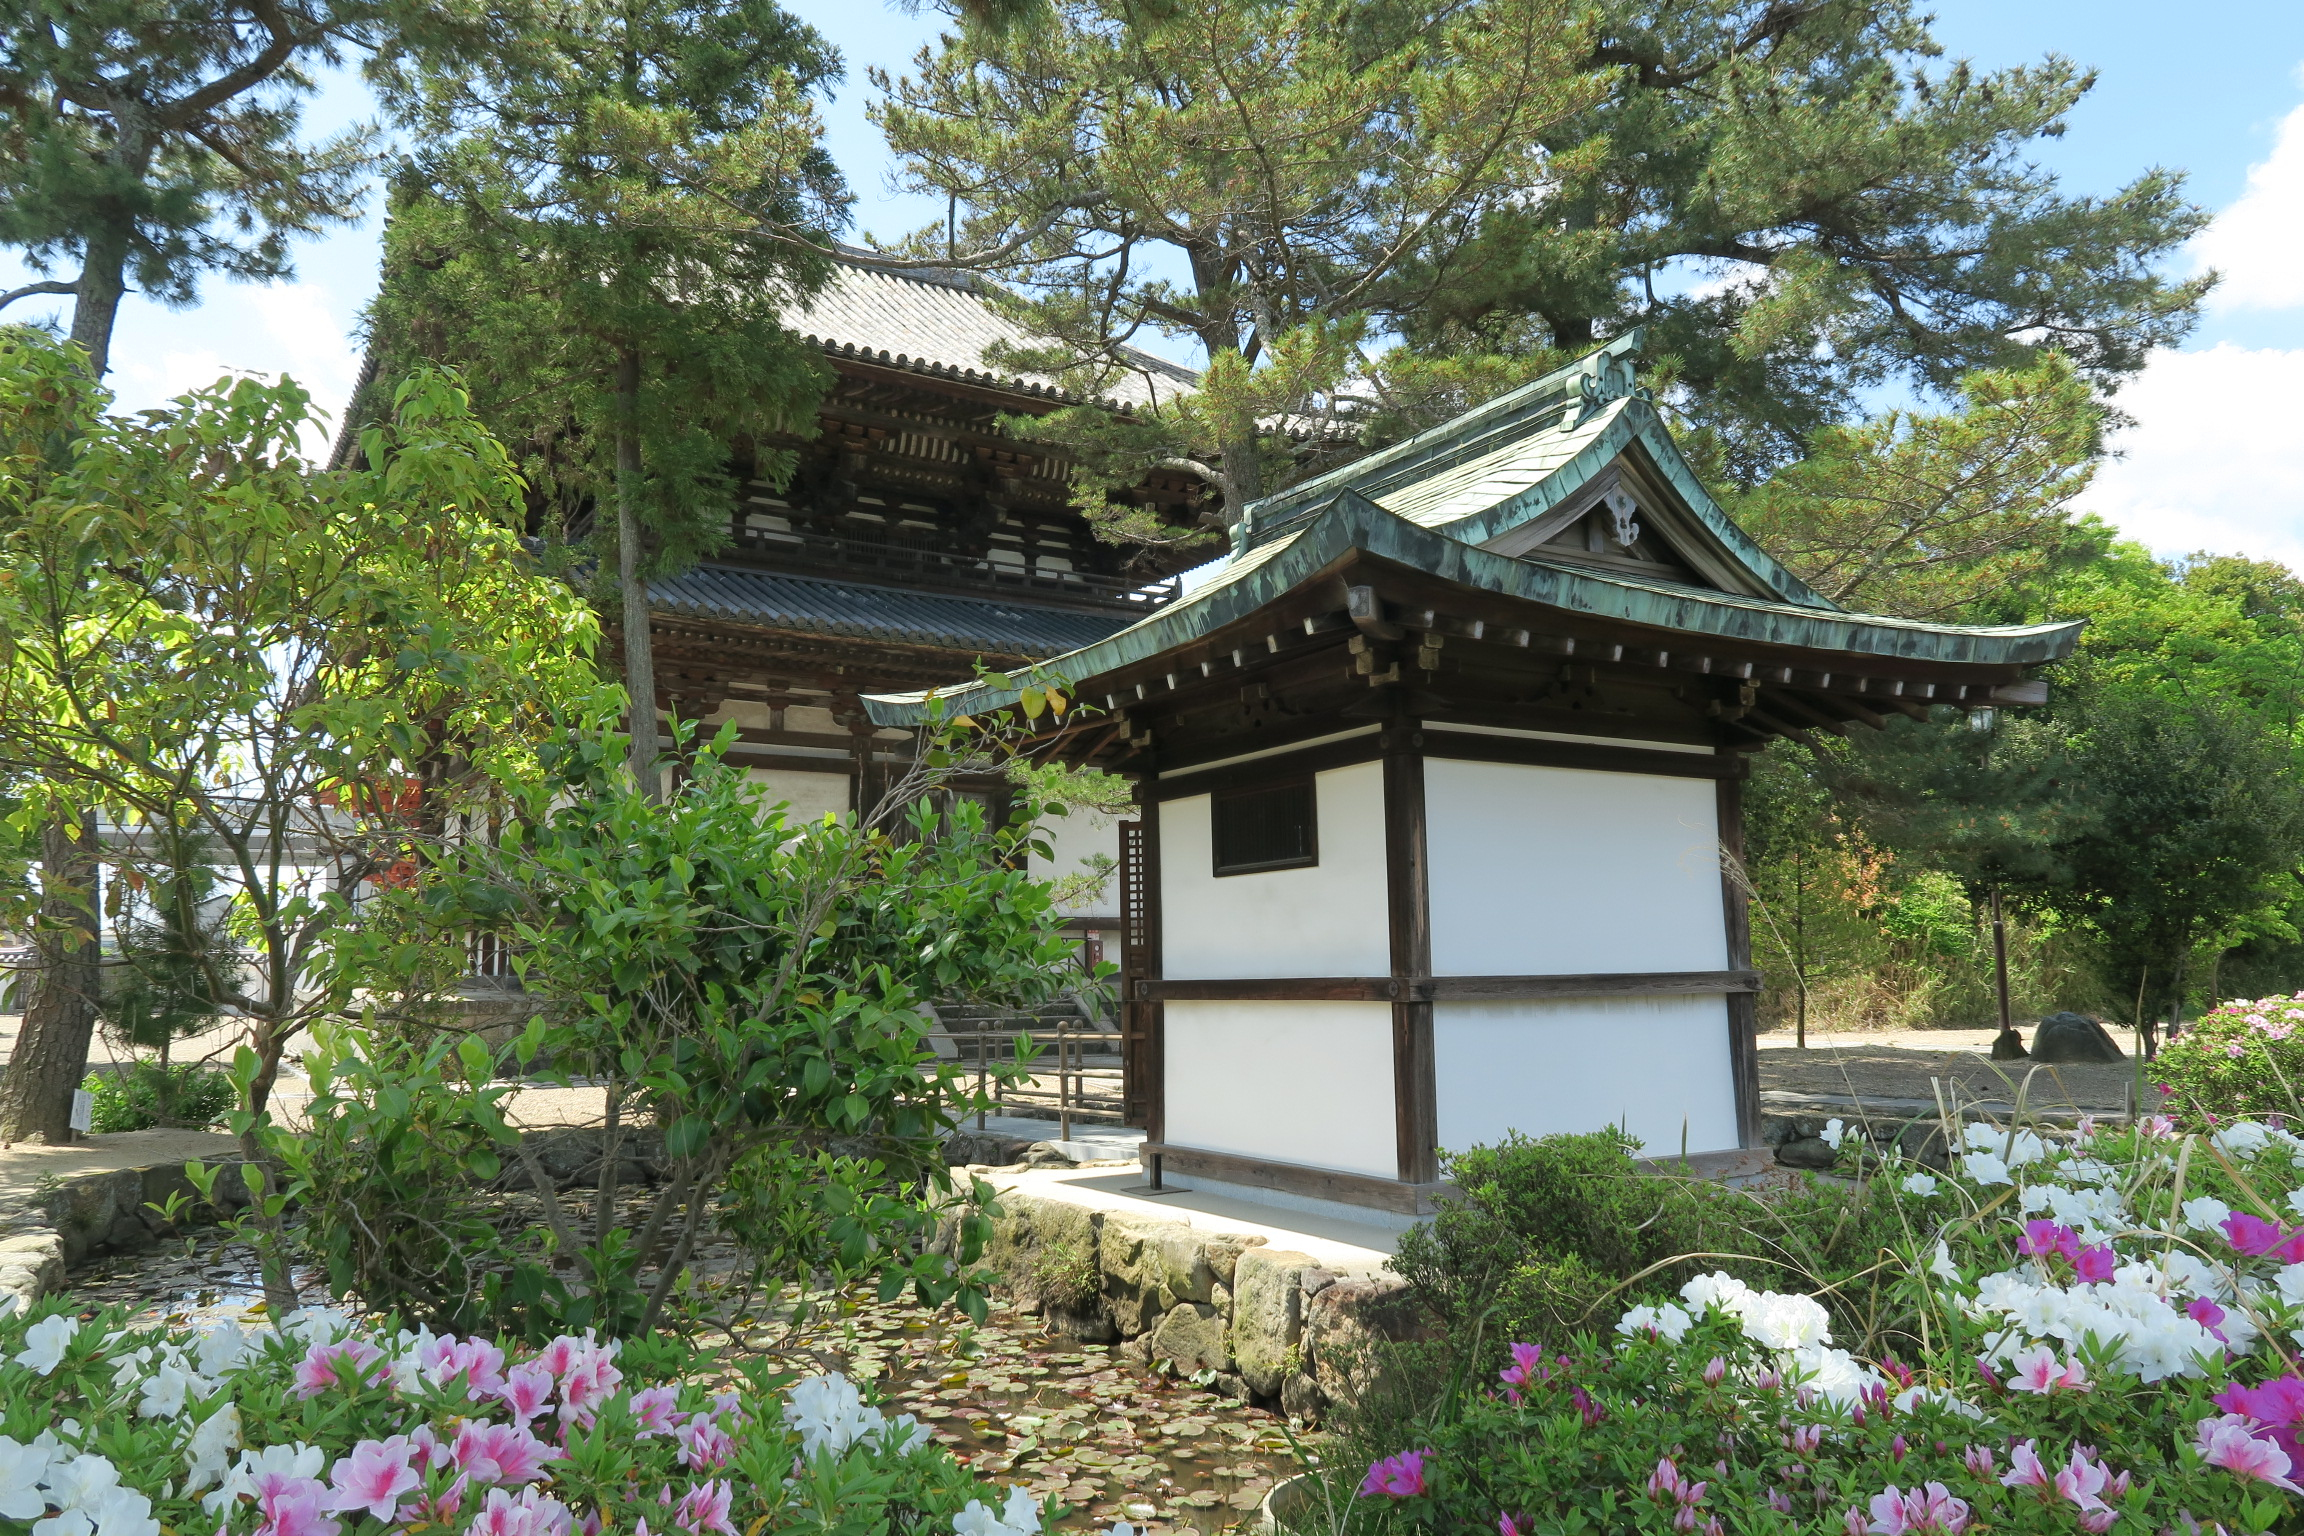 喜光寺の本堂裏にはツツジの花が満開でした。